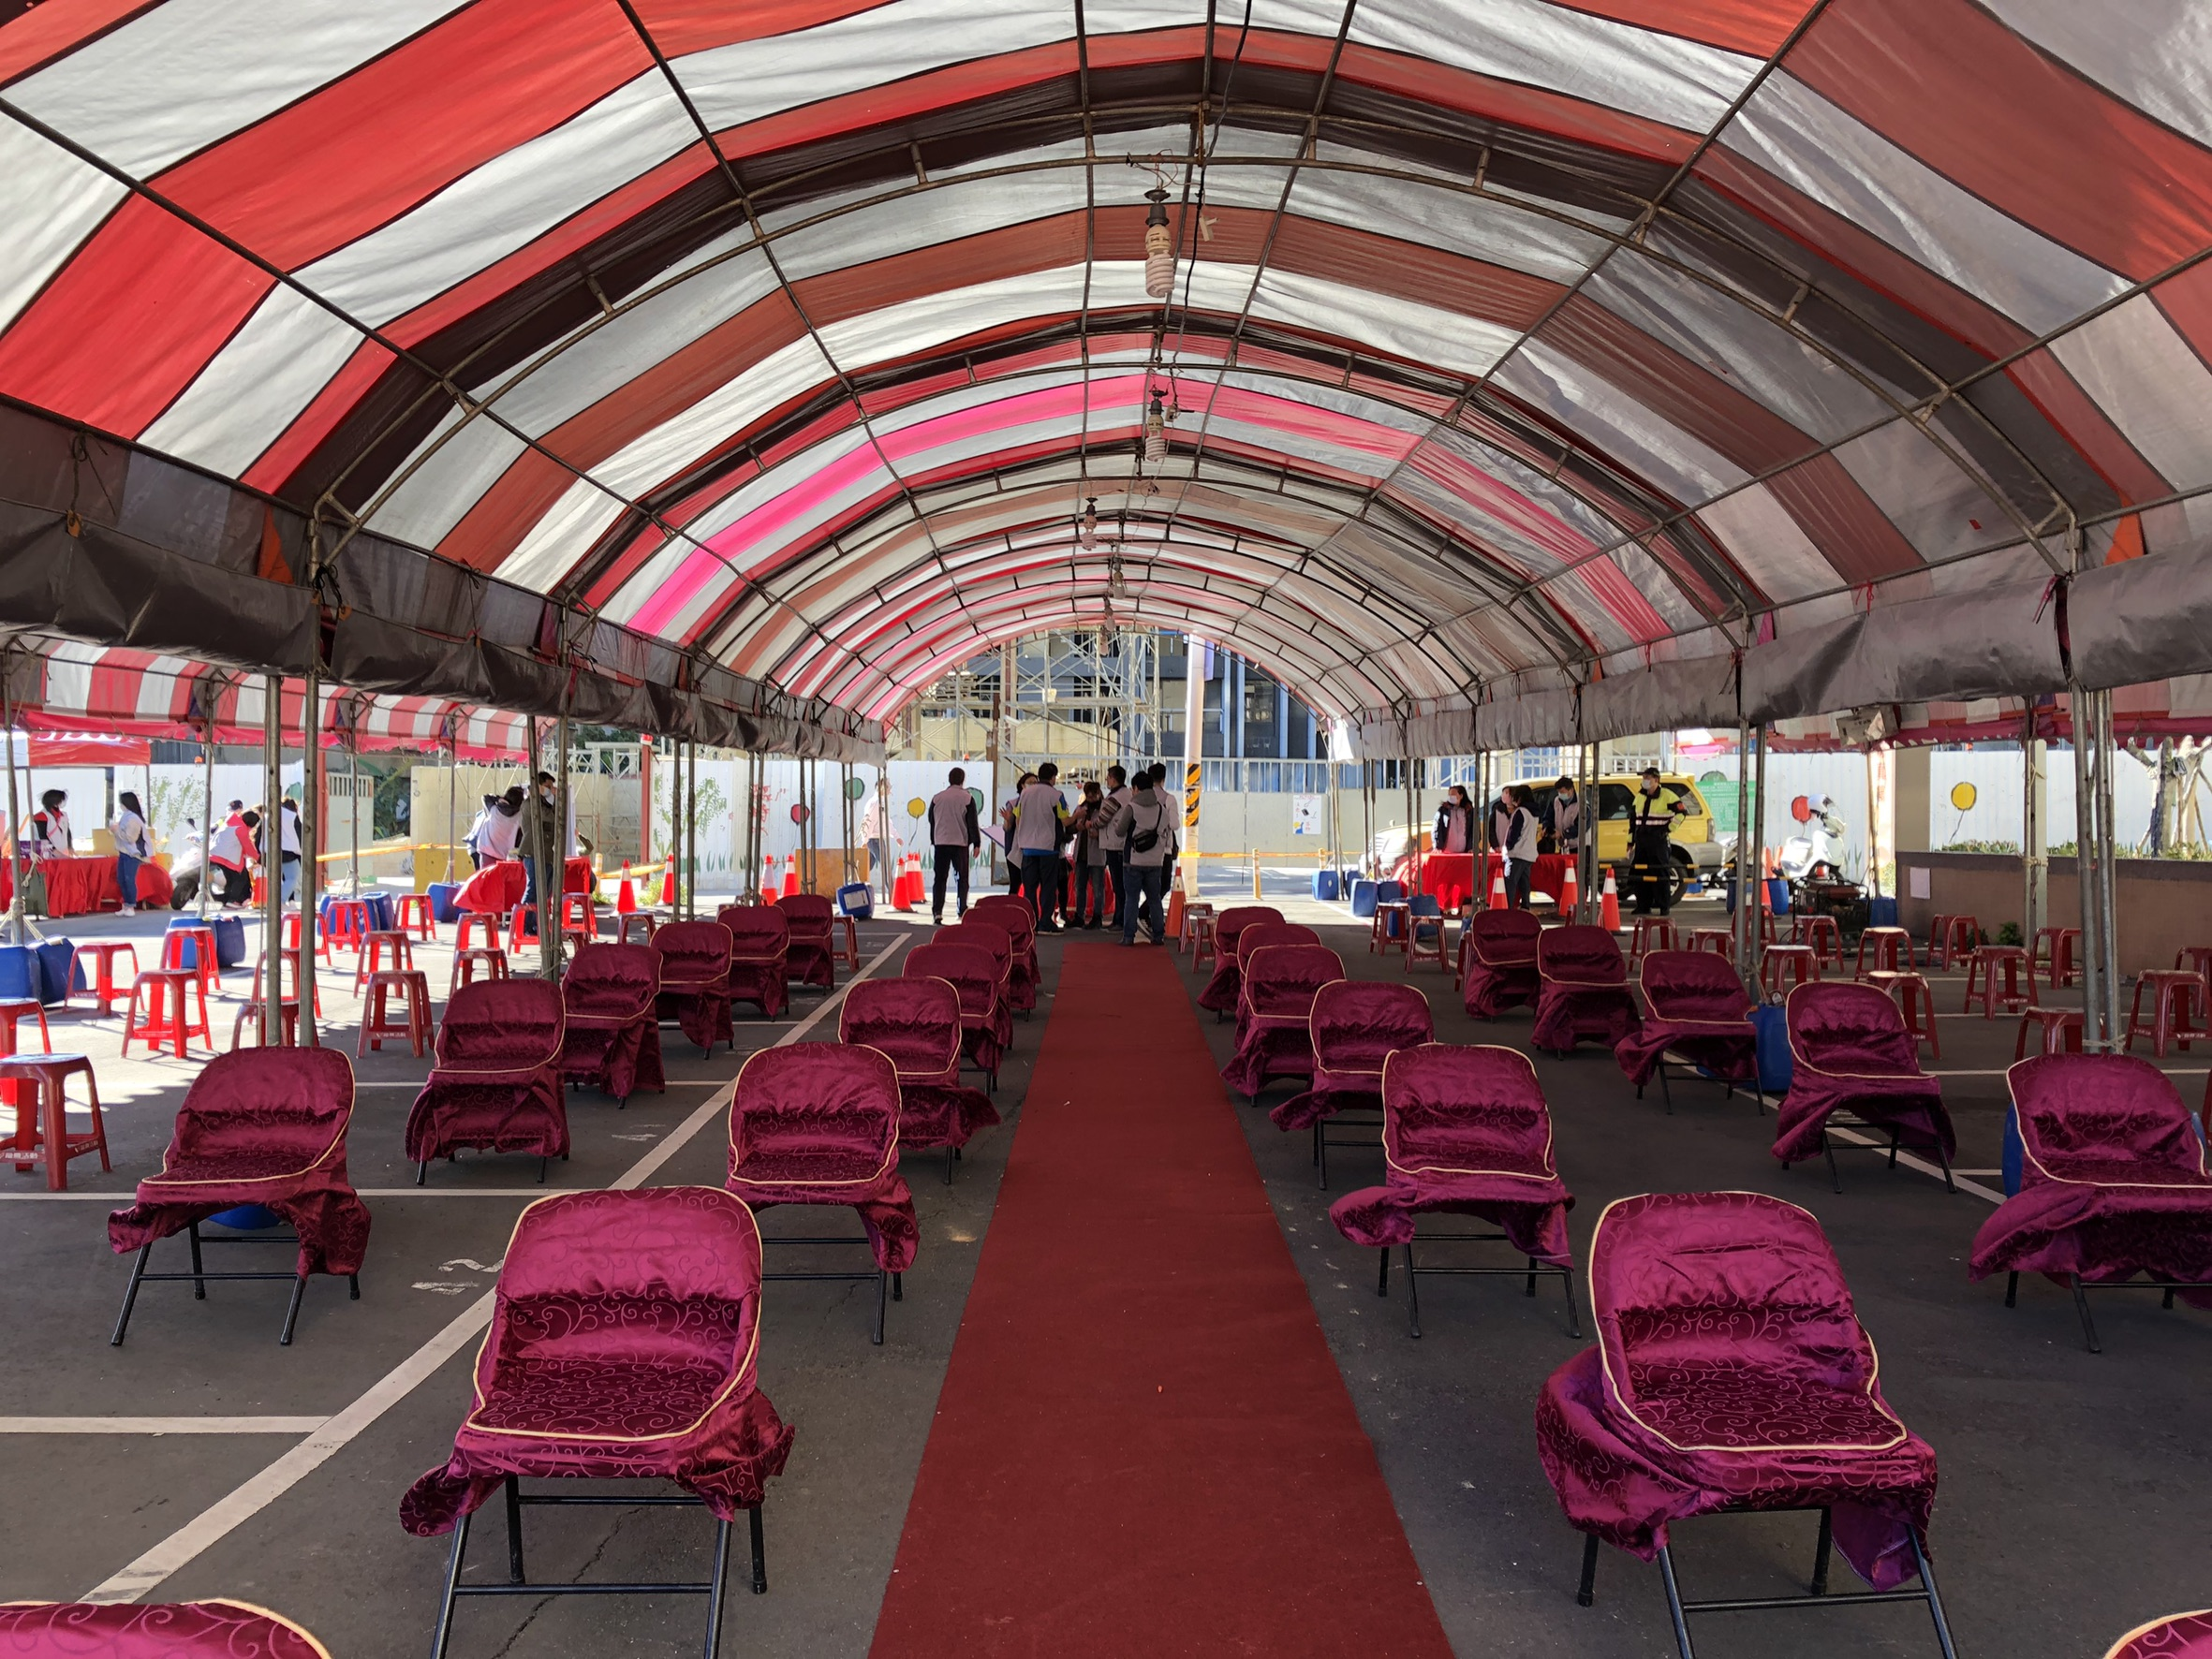 為落實市府防疫政策,現場座位維持1.5公尺安全社交距離。